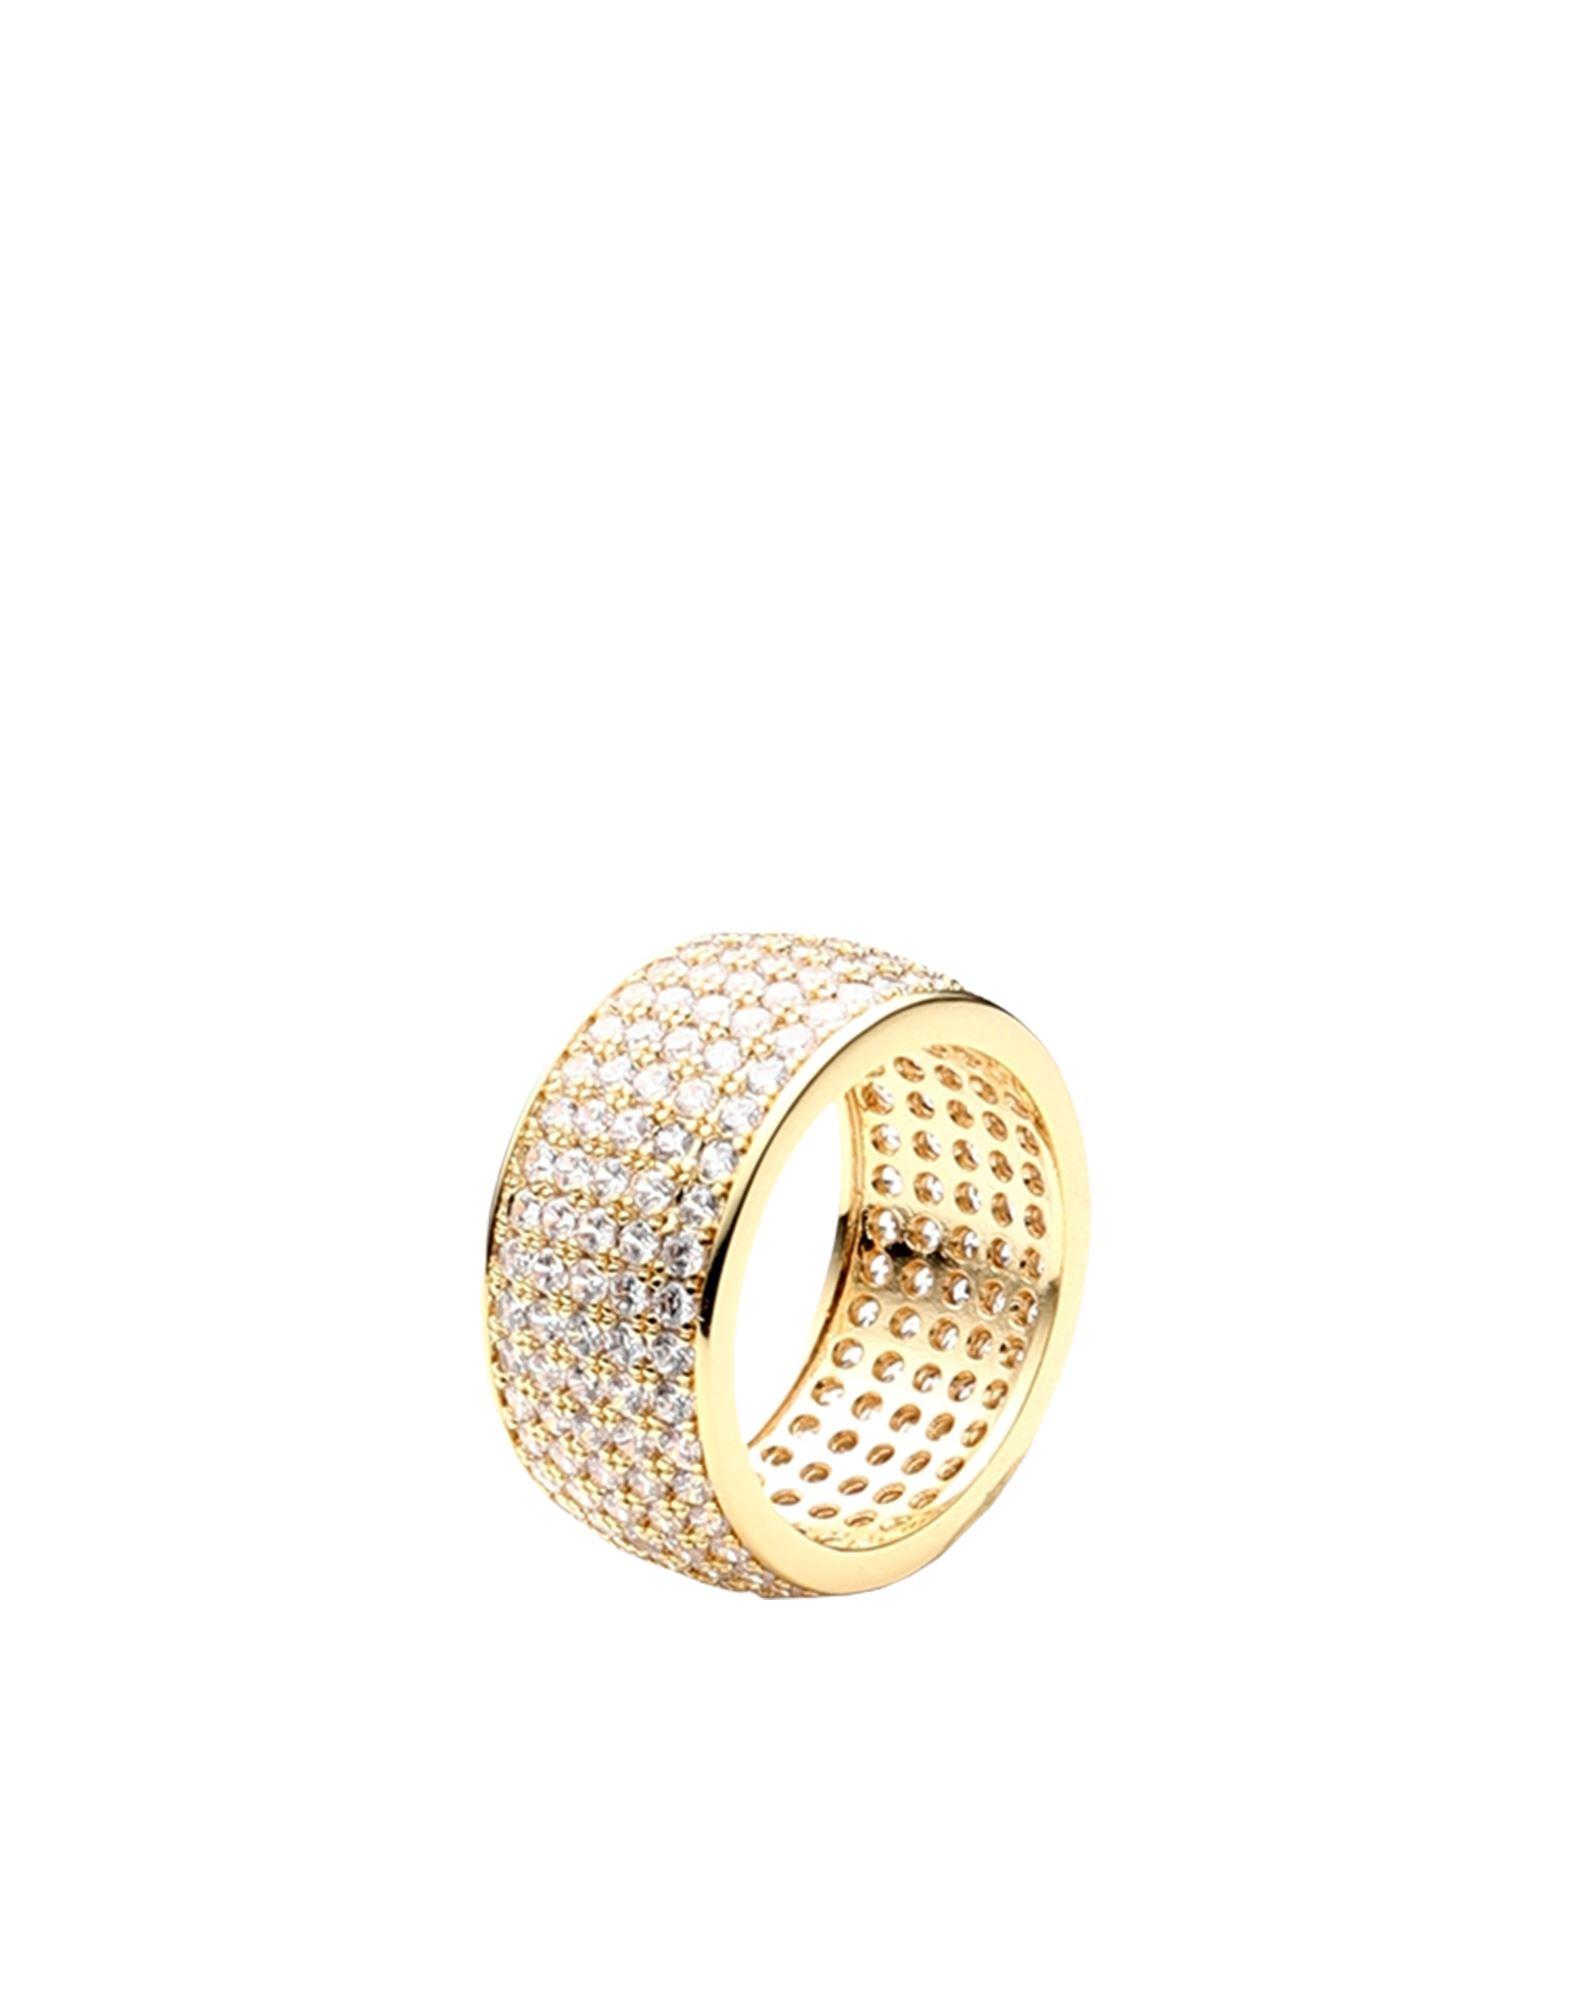 《セール開催中》LUV AJ レディース 指輪 ゴールド 5 真鍮/ブラス / クリスタル PAVE CIGAR RING